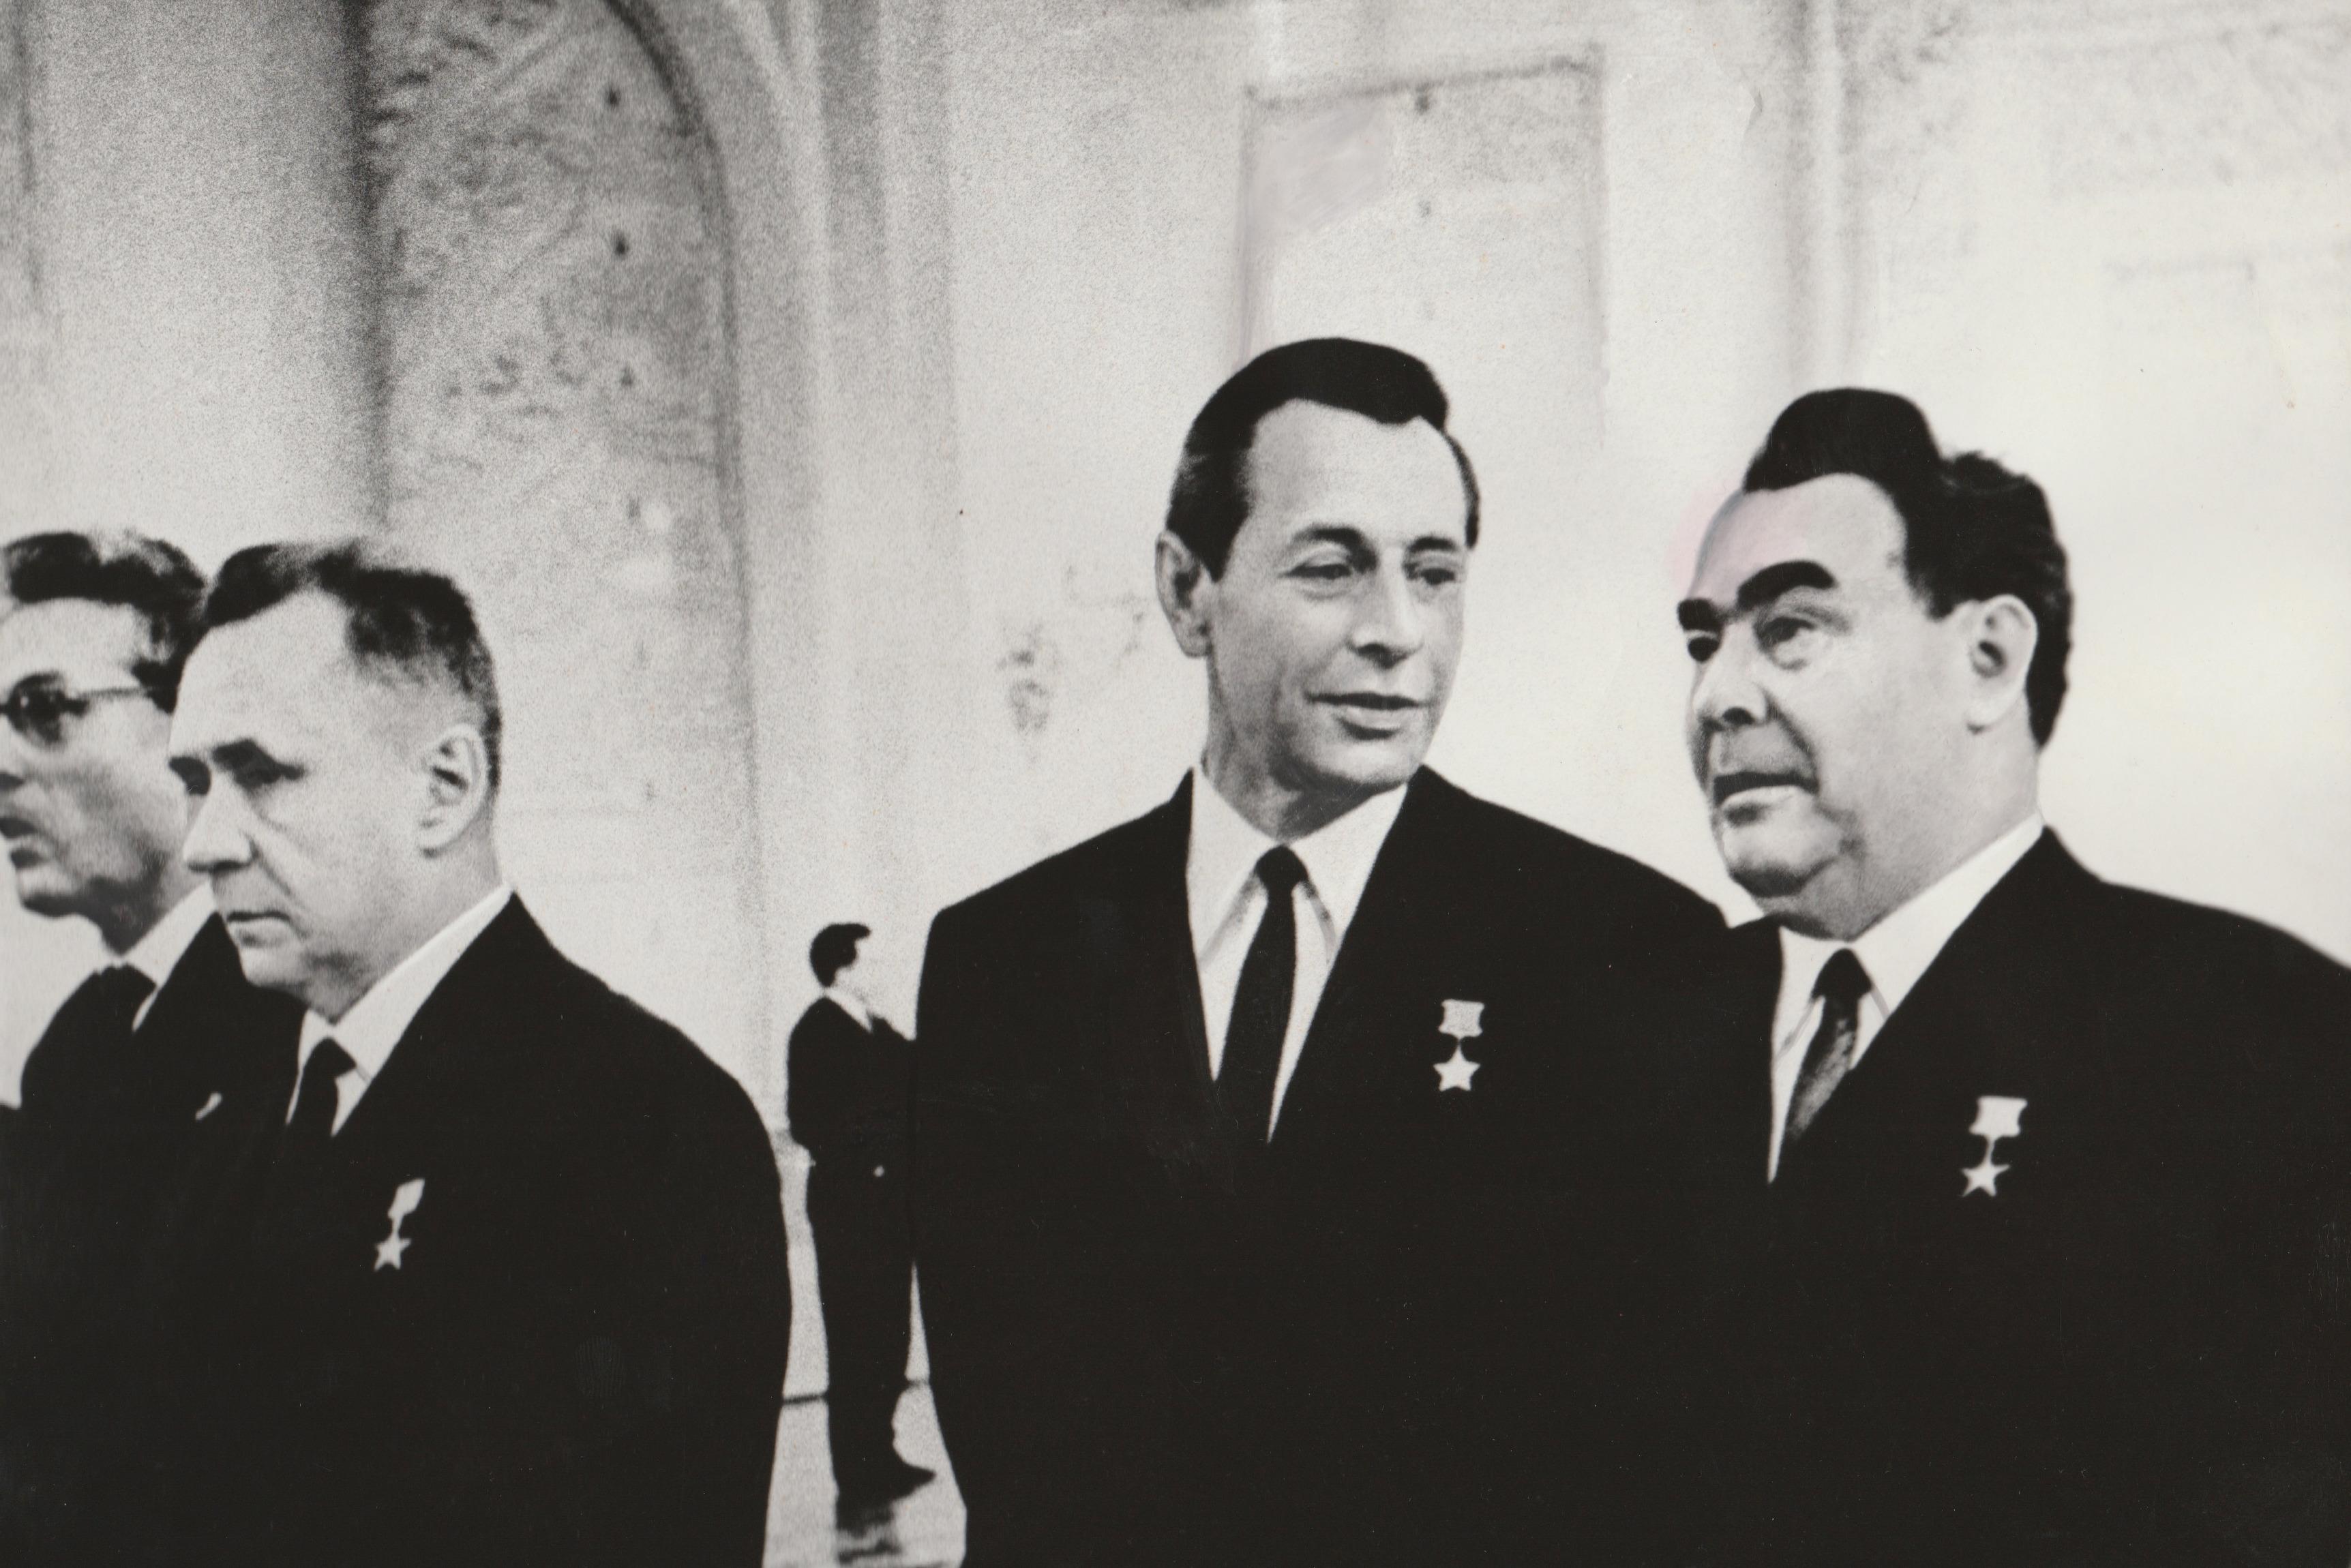 Пётр Машеров с Леонидом Брежневым в Кремлёвском дворце